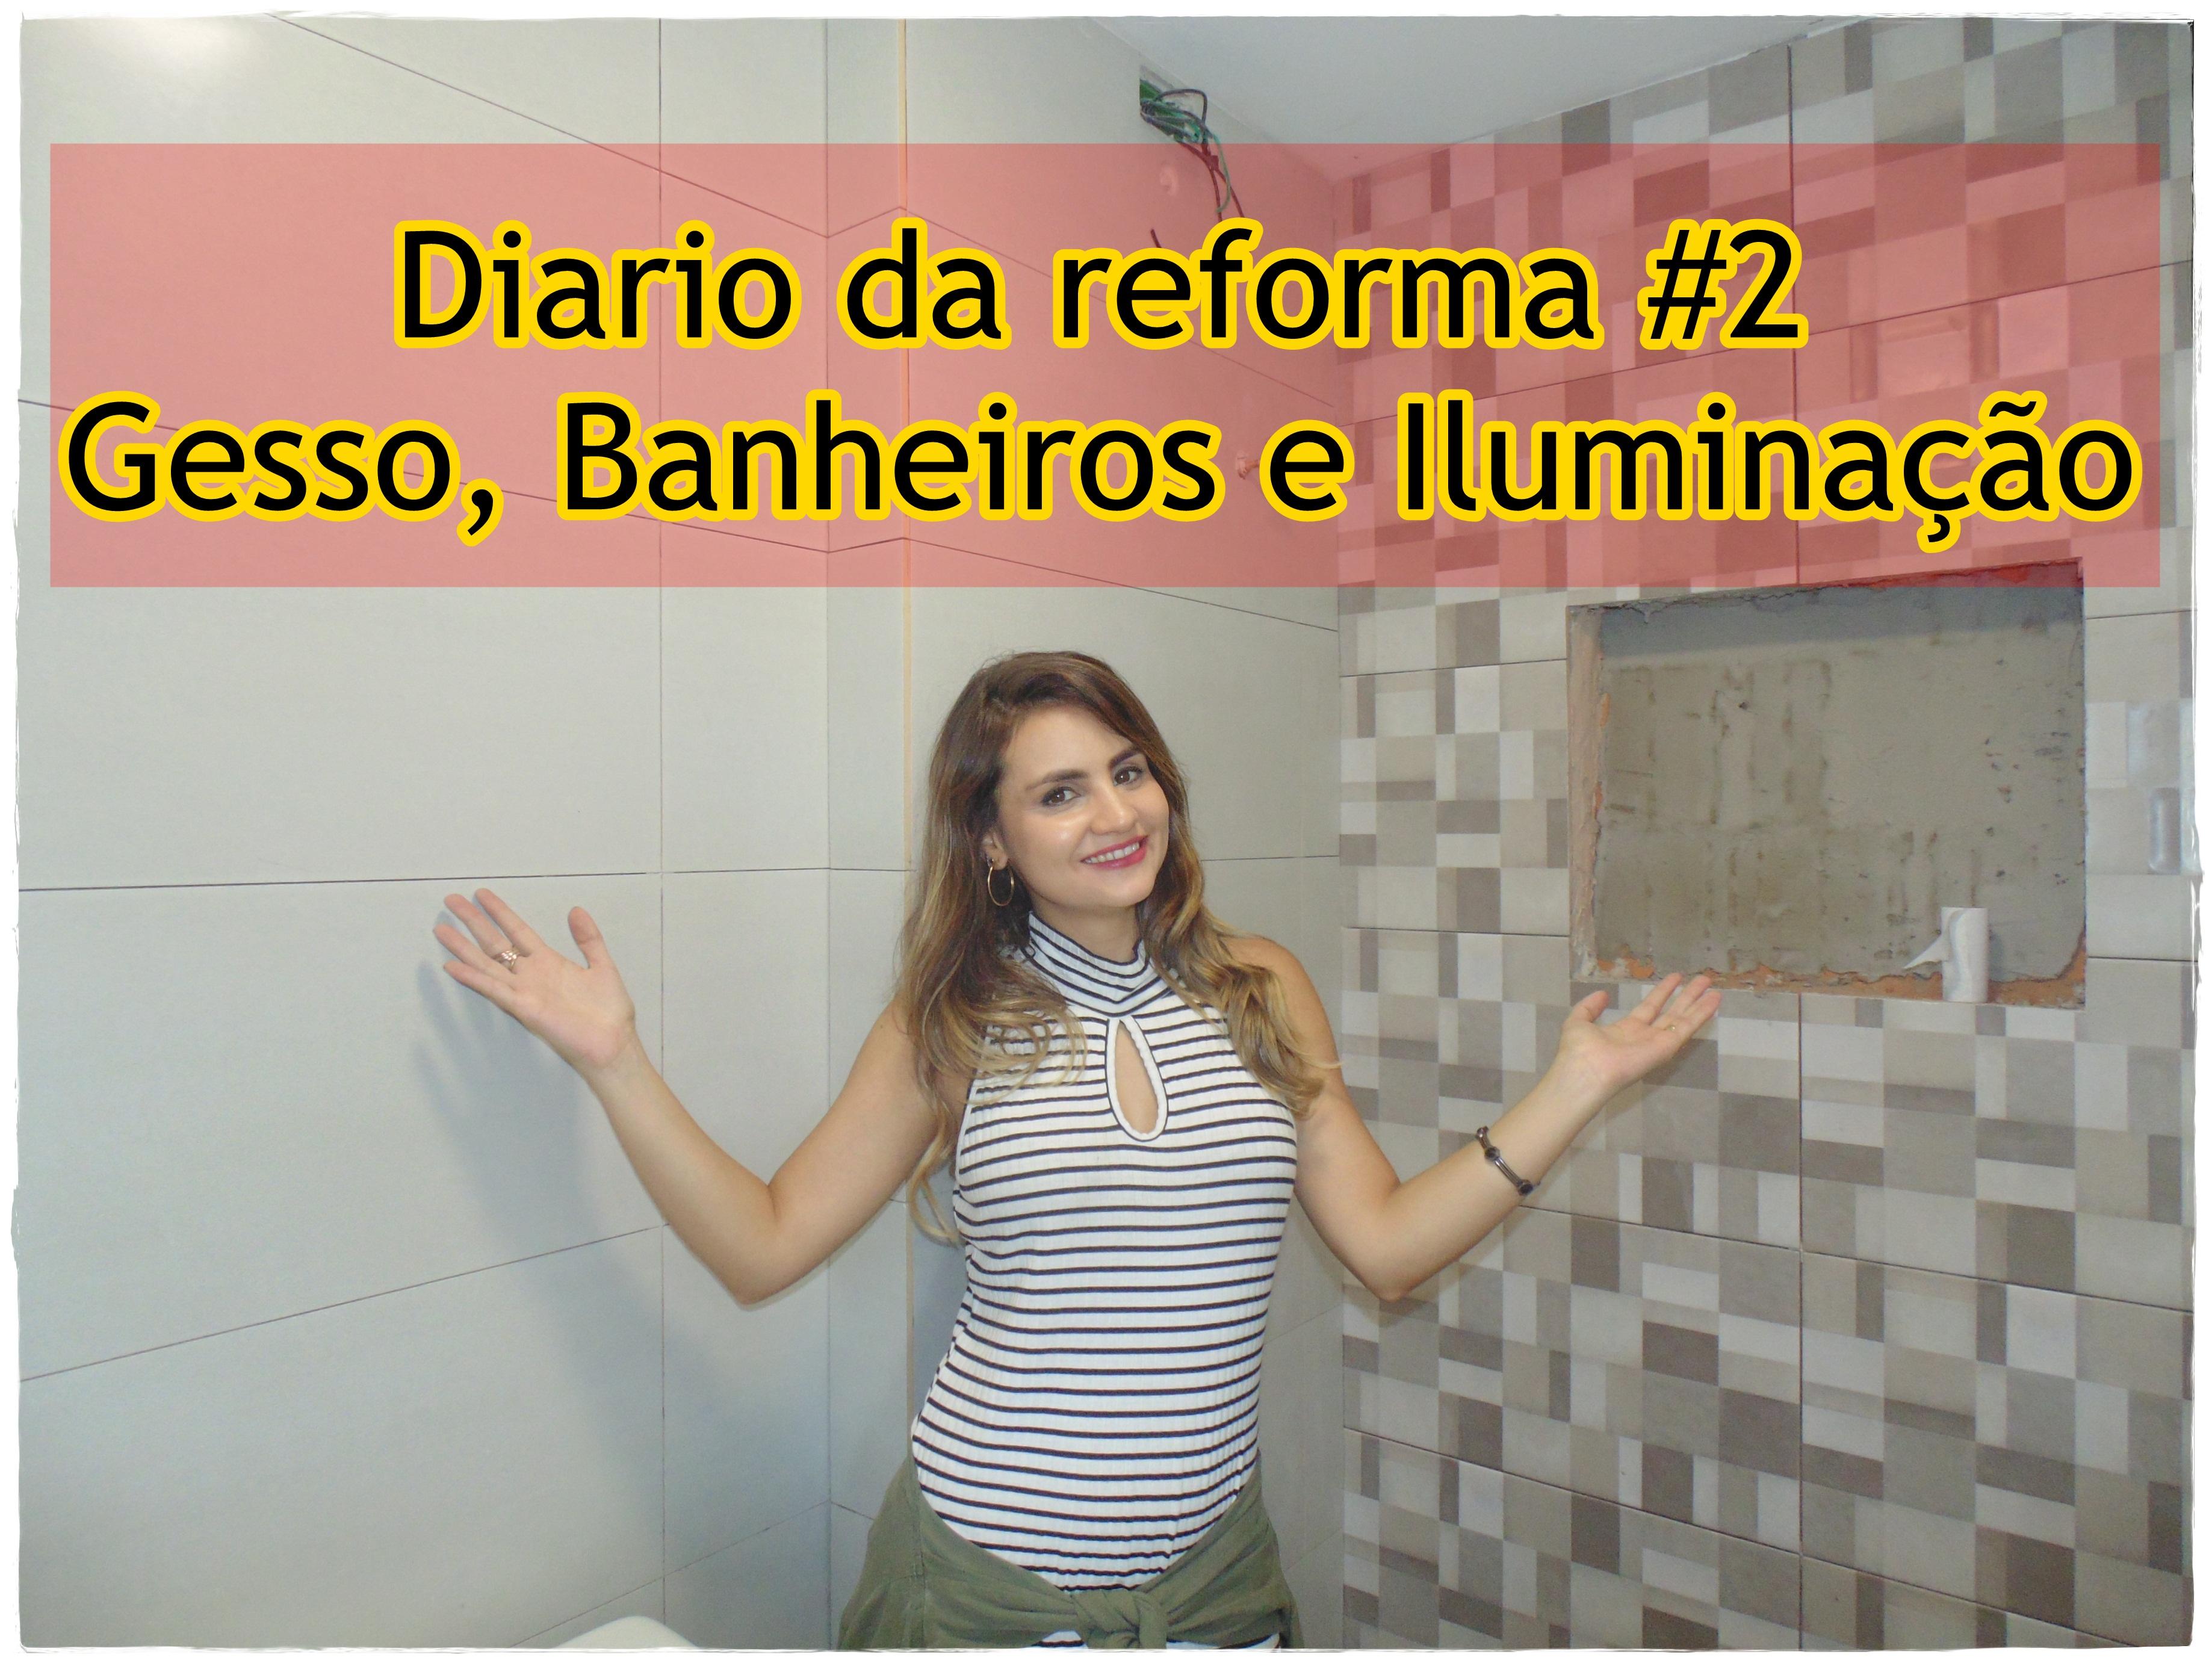 diario-da-reforma2 Vídeo: Diario da Reforma#2: gesso + iluminação + banheiros